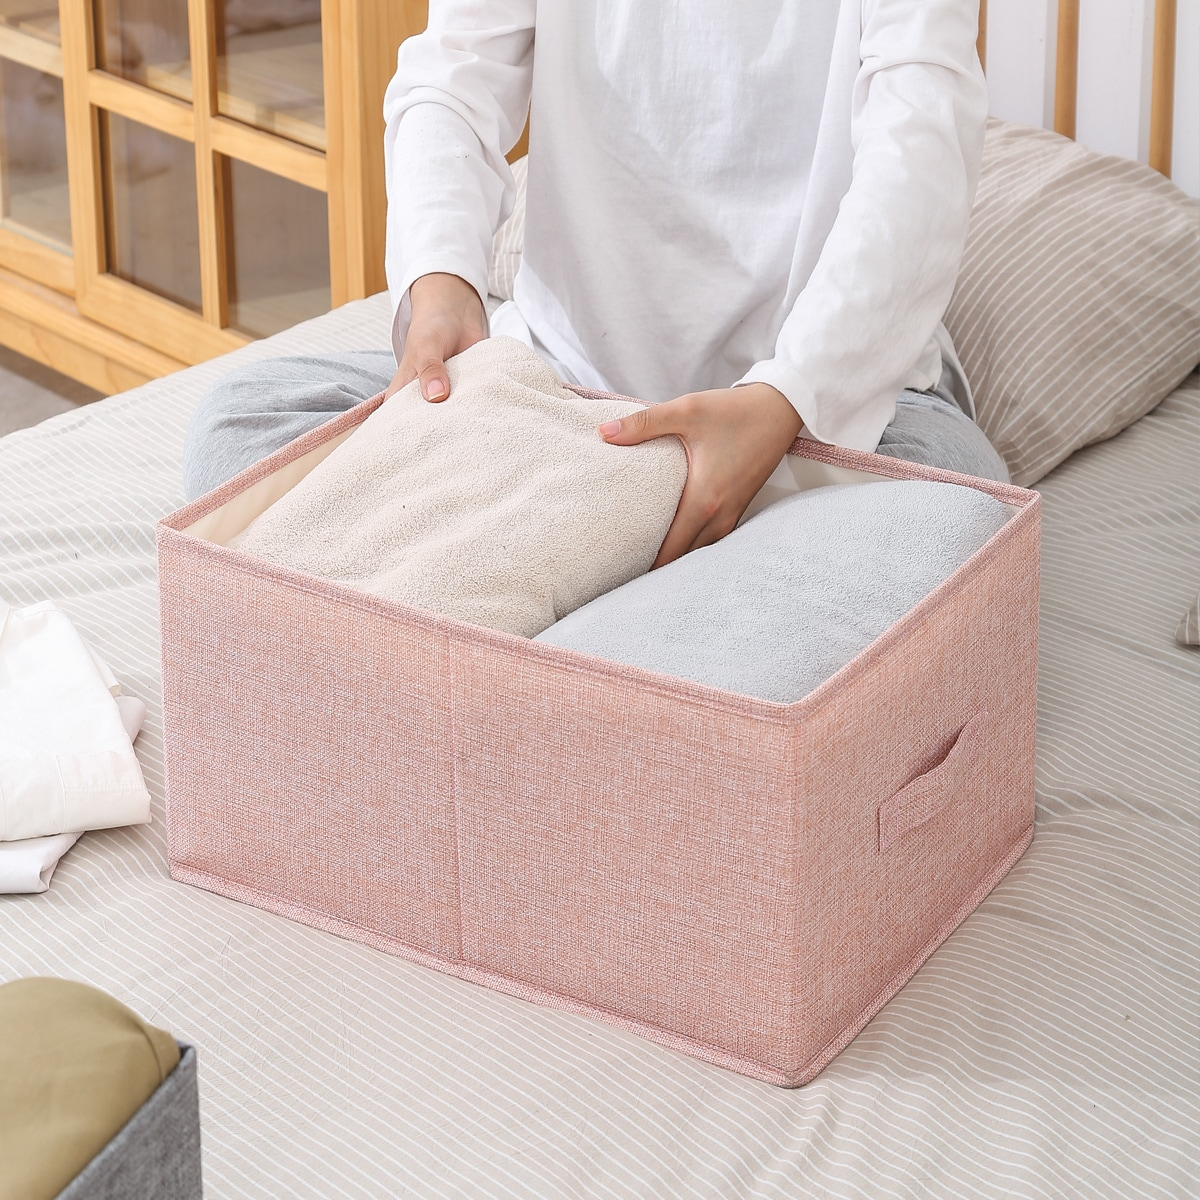 1шт Складной ящик для хранения одежды